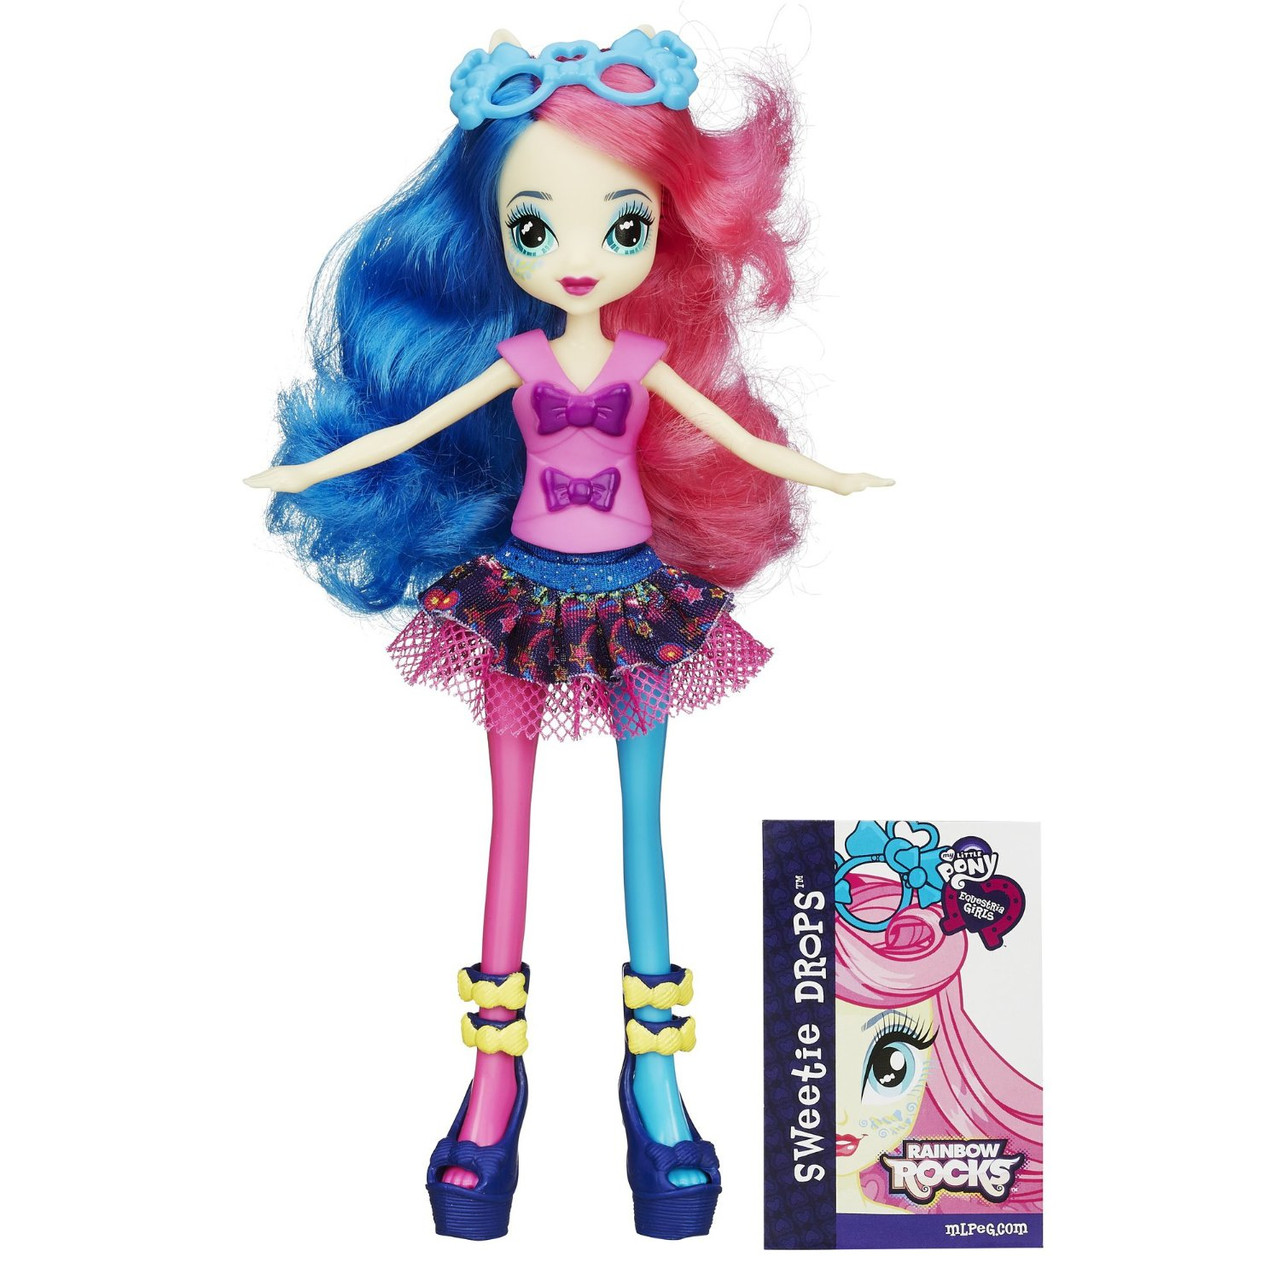 Hasbro My Little Pony Equestria Girls Кукла Свити Дропс (Sweetie Drops